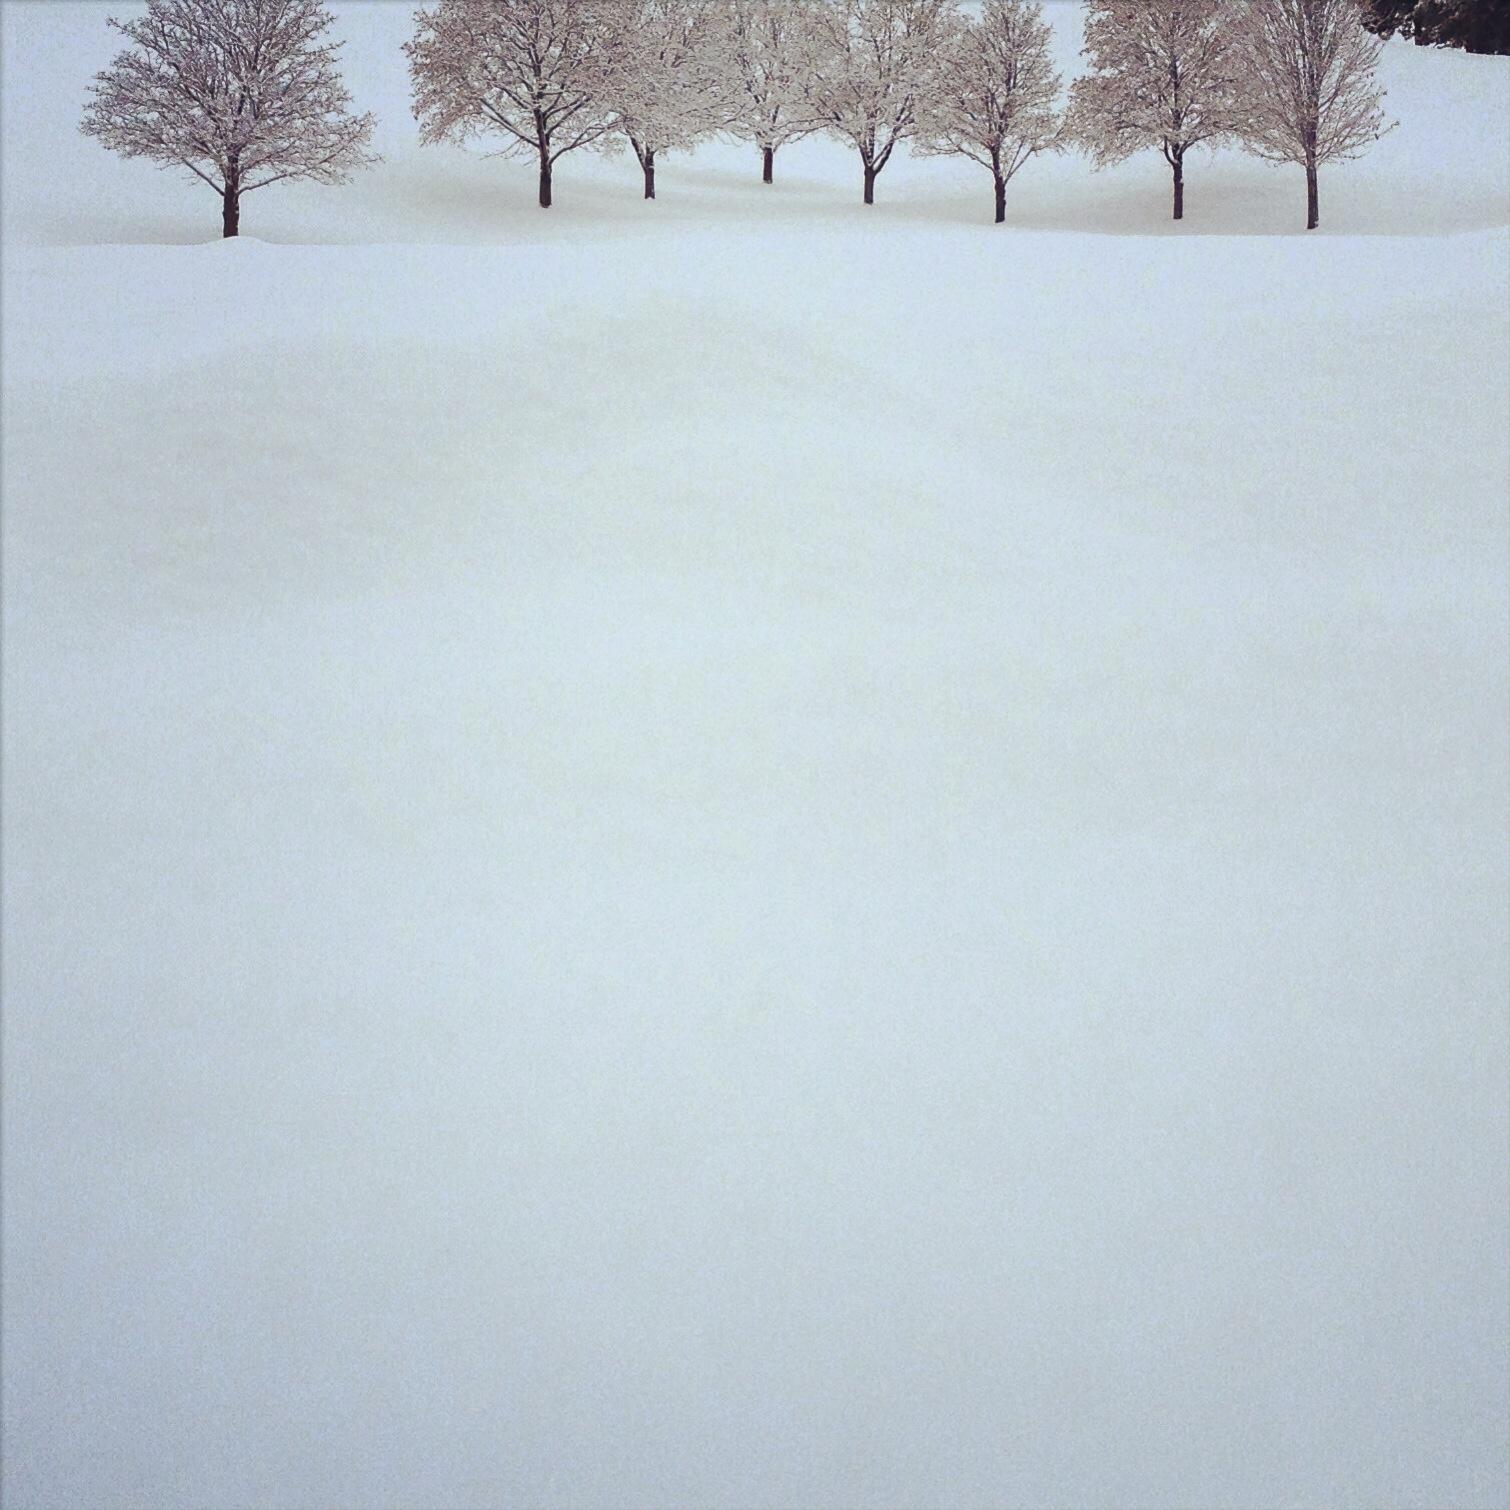 Winter | Idaho | 2013